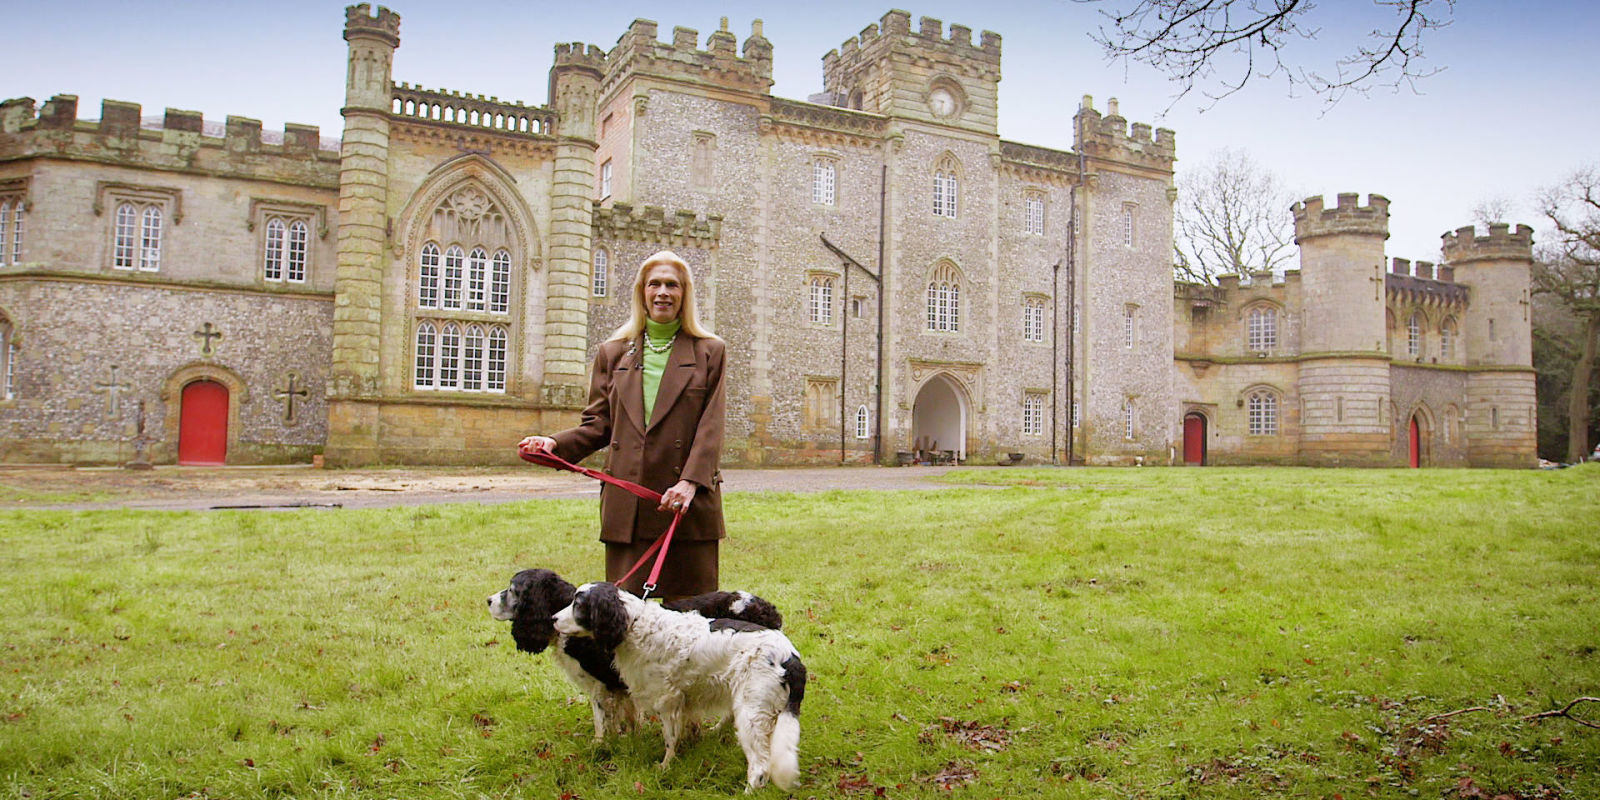 Castle - Season 8 - IMDb